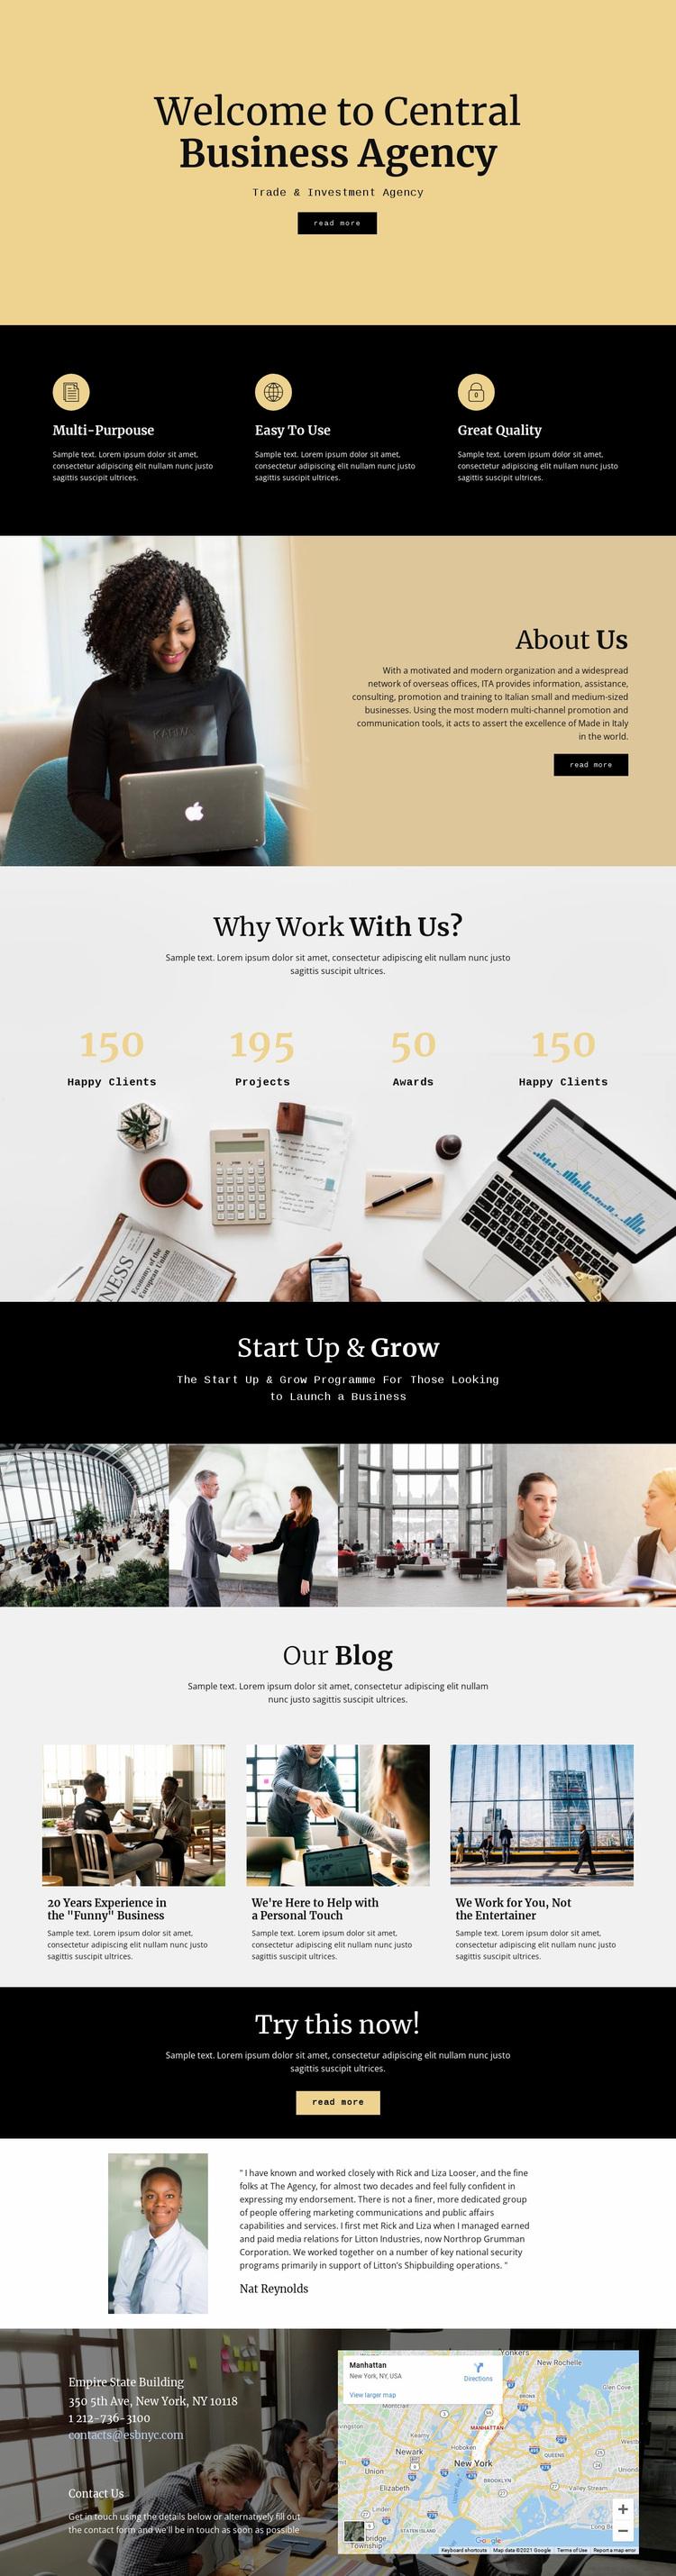 Central digital agency Website Design